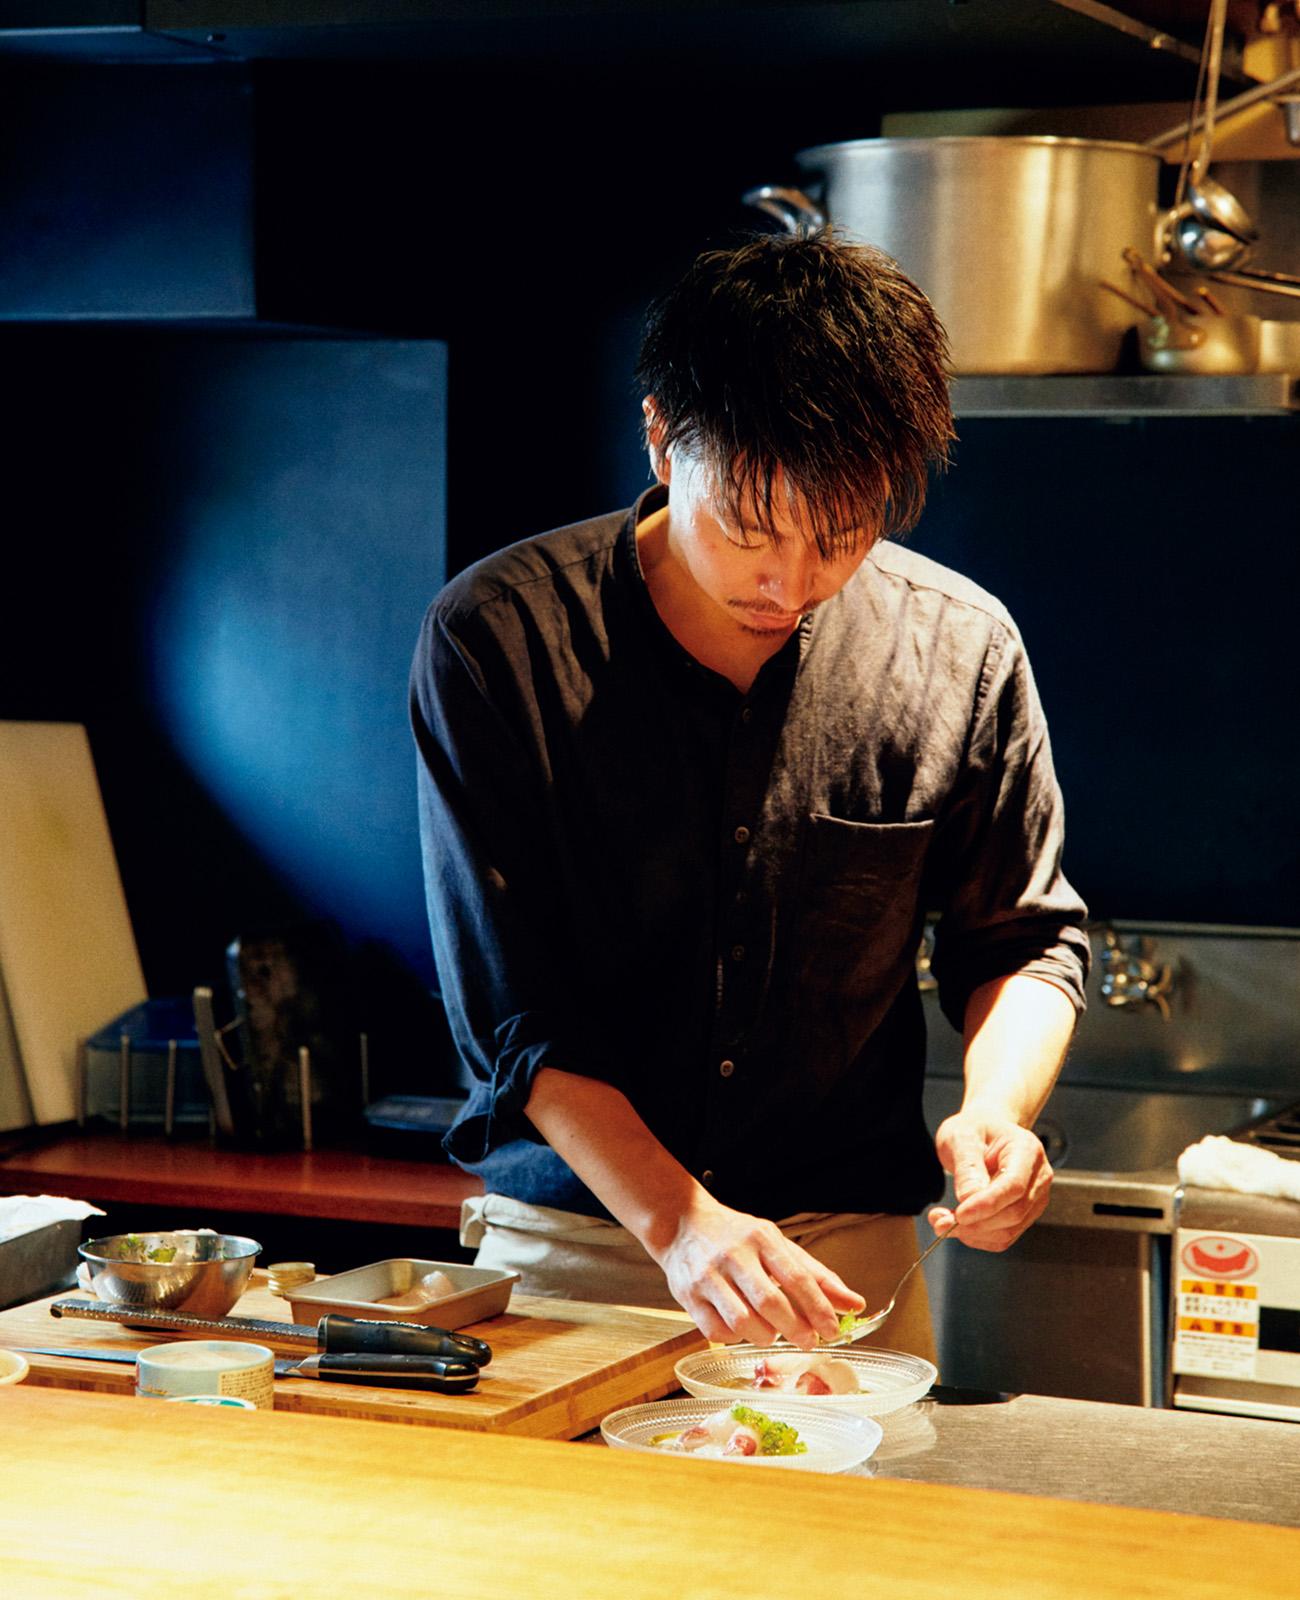 「色気のある料理を作る雰囲気がある」とは、中村さんの白石さん評。